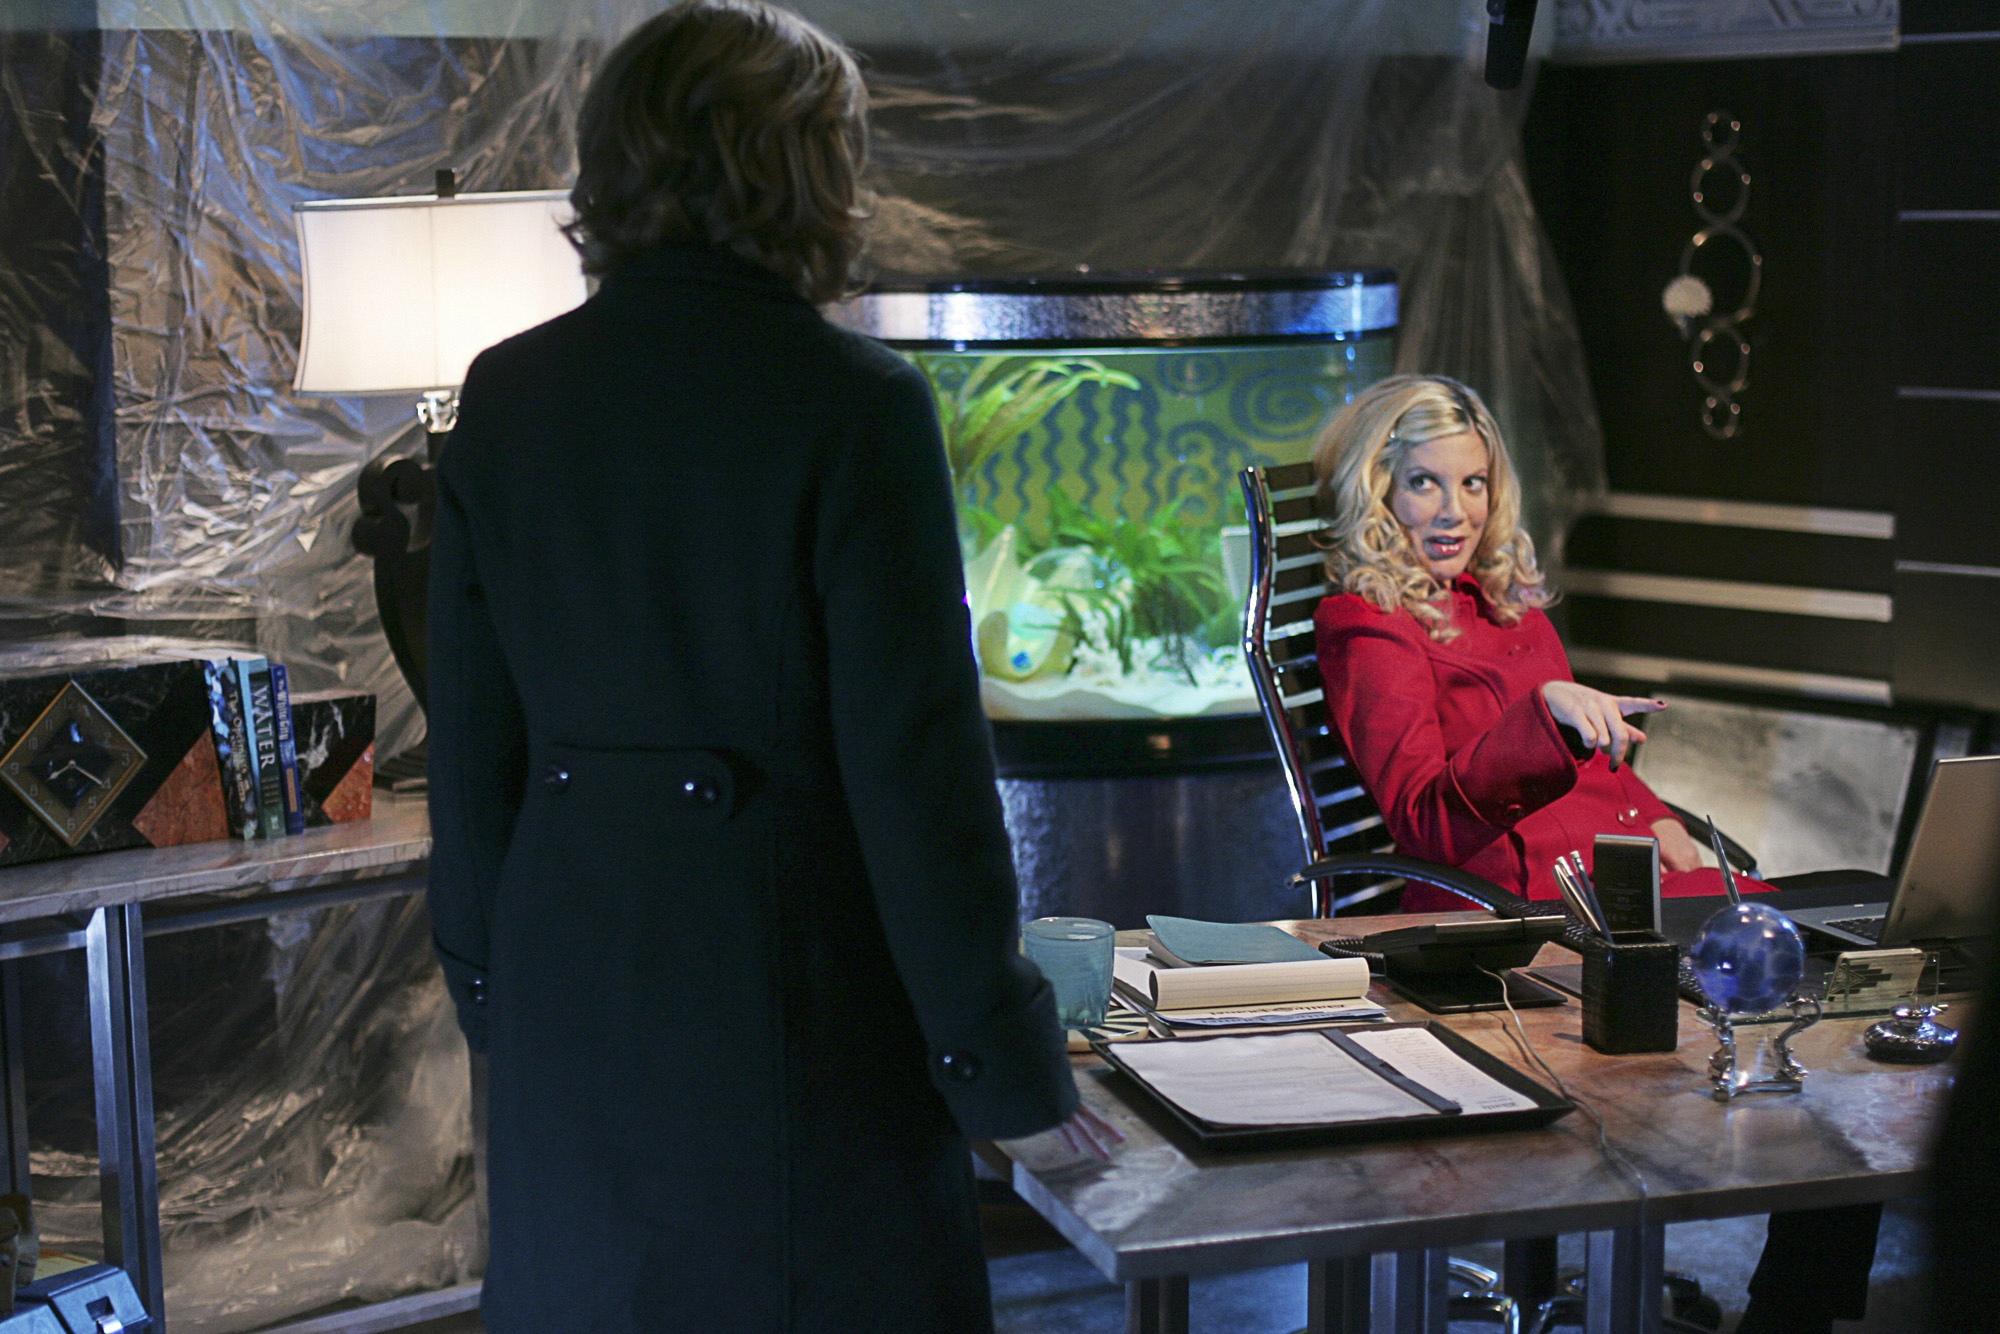 Smallville (TV Series) Episode: Hydro